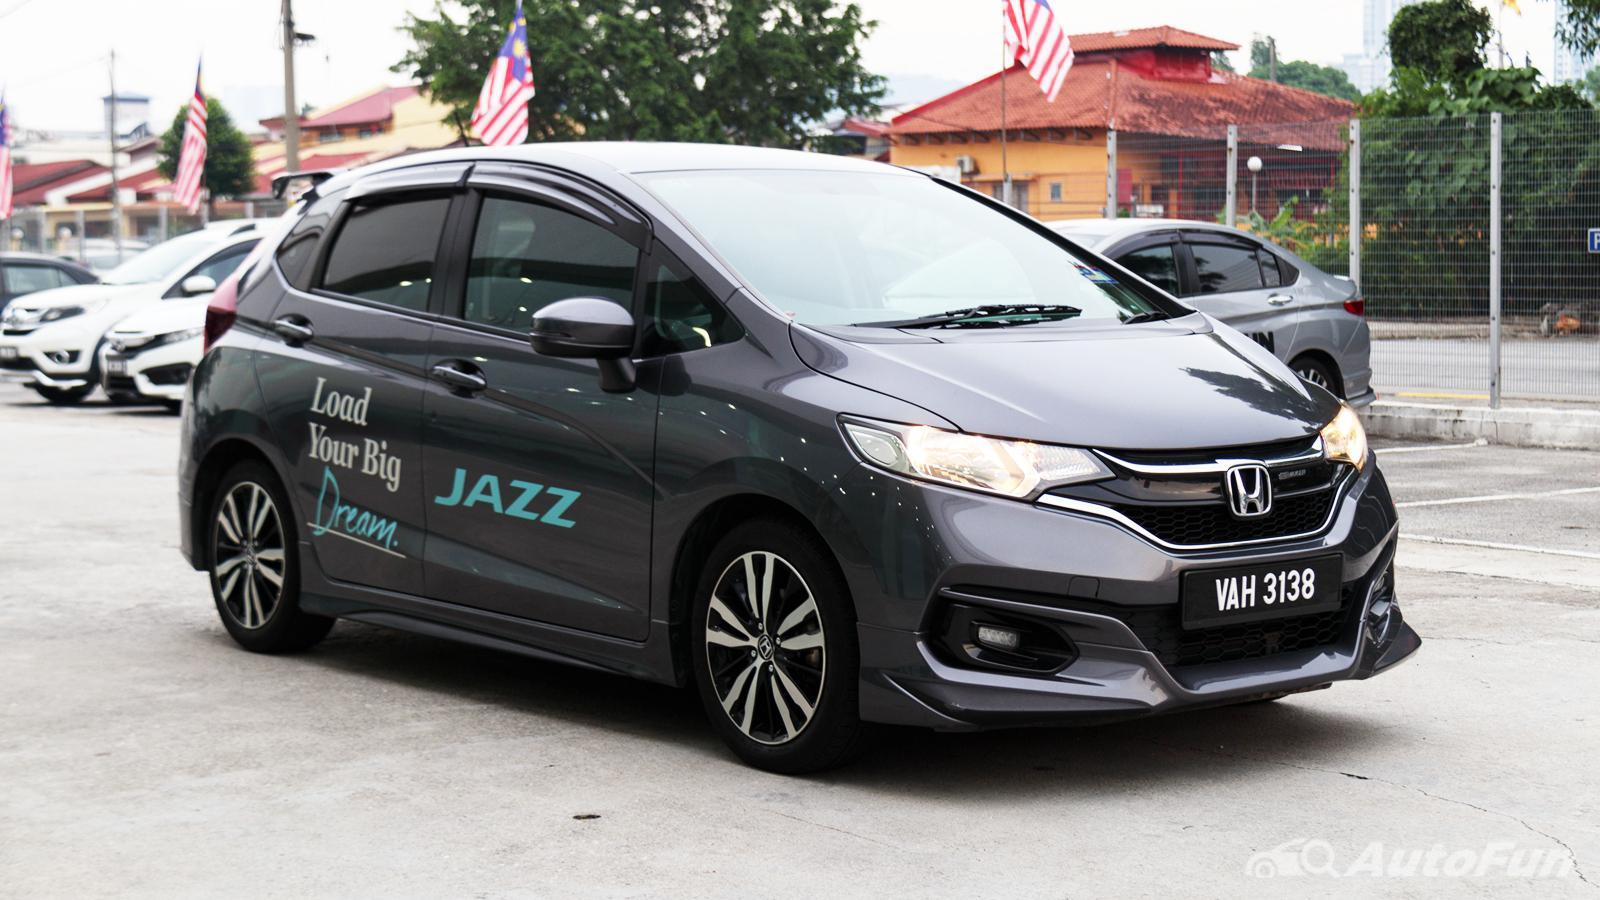 Kelebihan Kekurangan Harga Mobil Jazz 2019 Tangguh